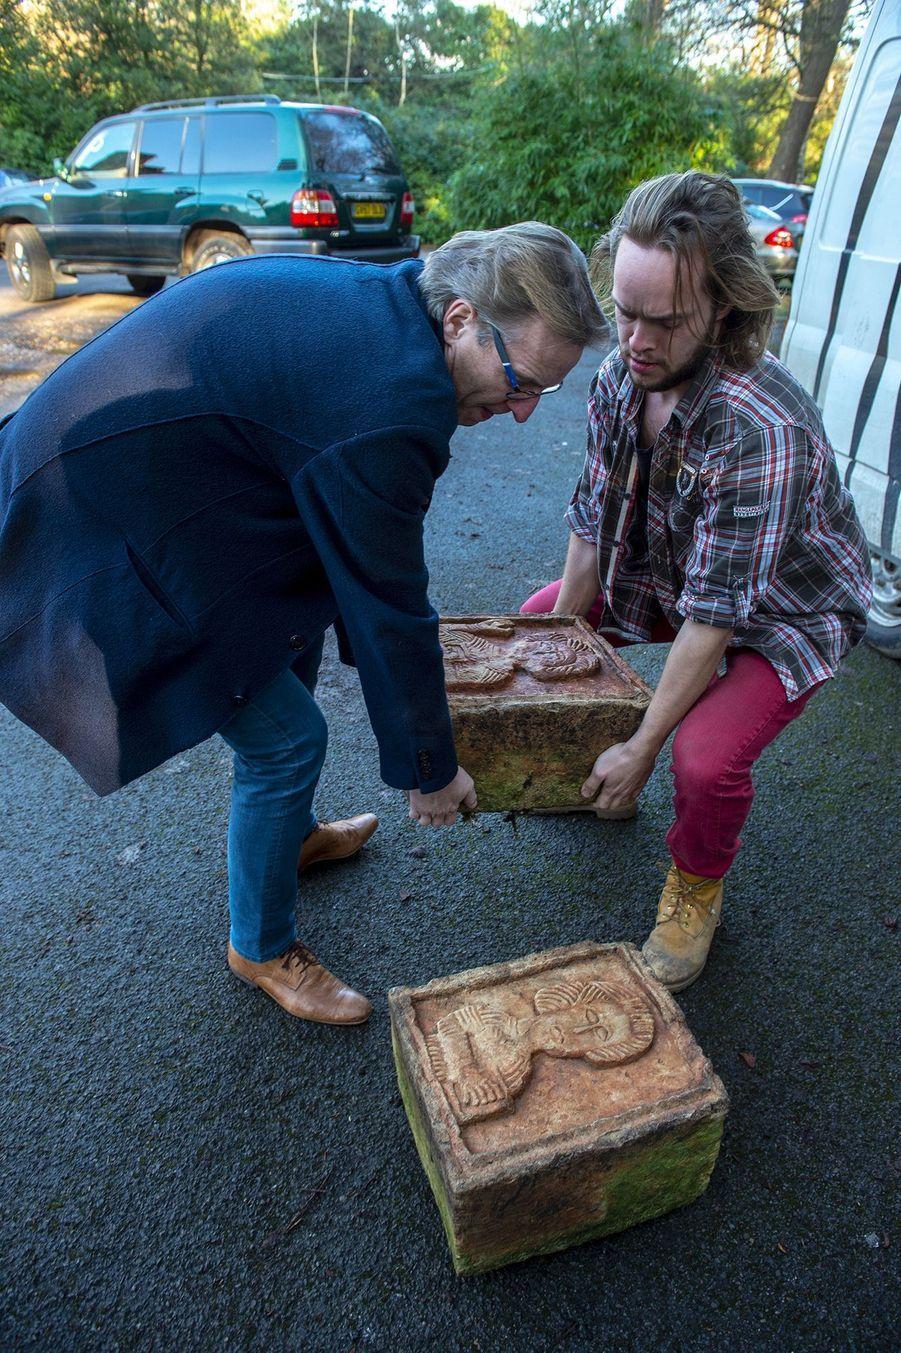 """Arthur Brand (gauche), surnommé l'""""Indiana Jones du monde de l'art"""" pour ses exploits d'enquêteur, a remis à l'ambassade d'Espagne à Londres, lors d'une cérémonie privée, ces gravures vieilles d'au moins un millénaire."""